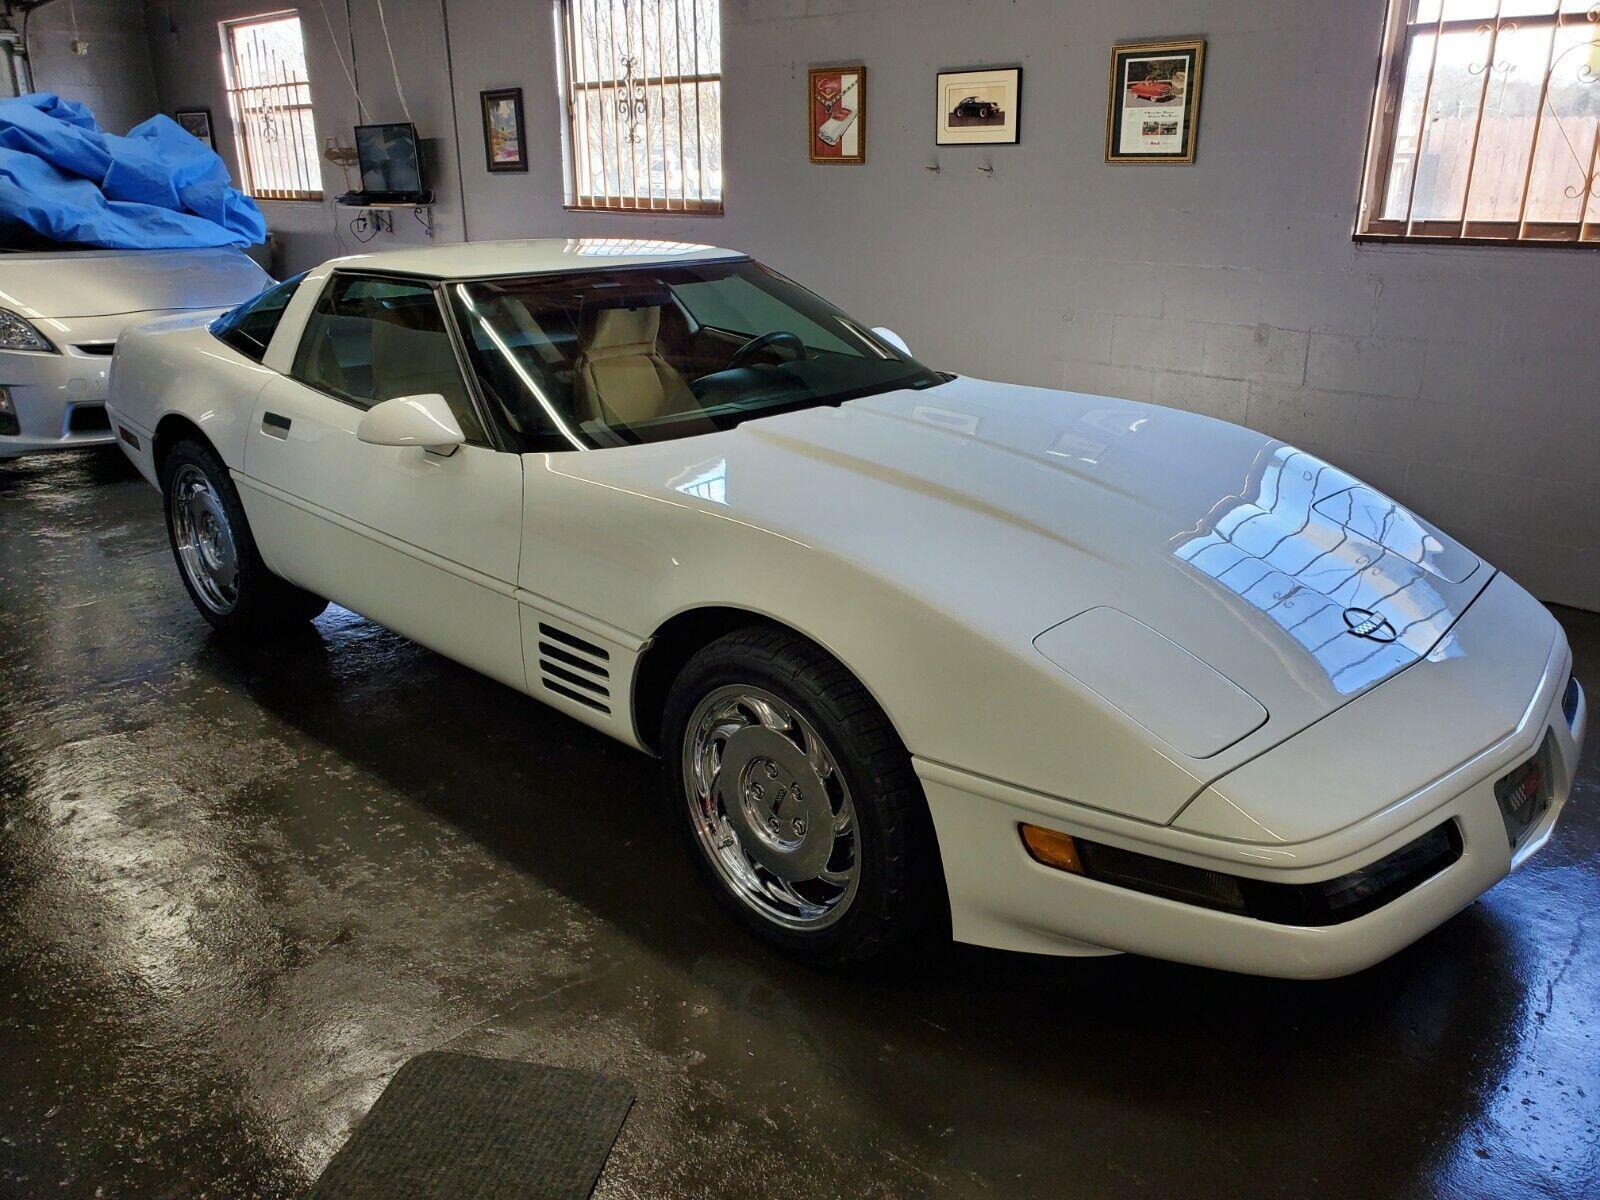 1991 White Chevrolet Corvette     C4 Corvette Photo 1